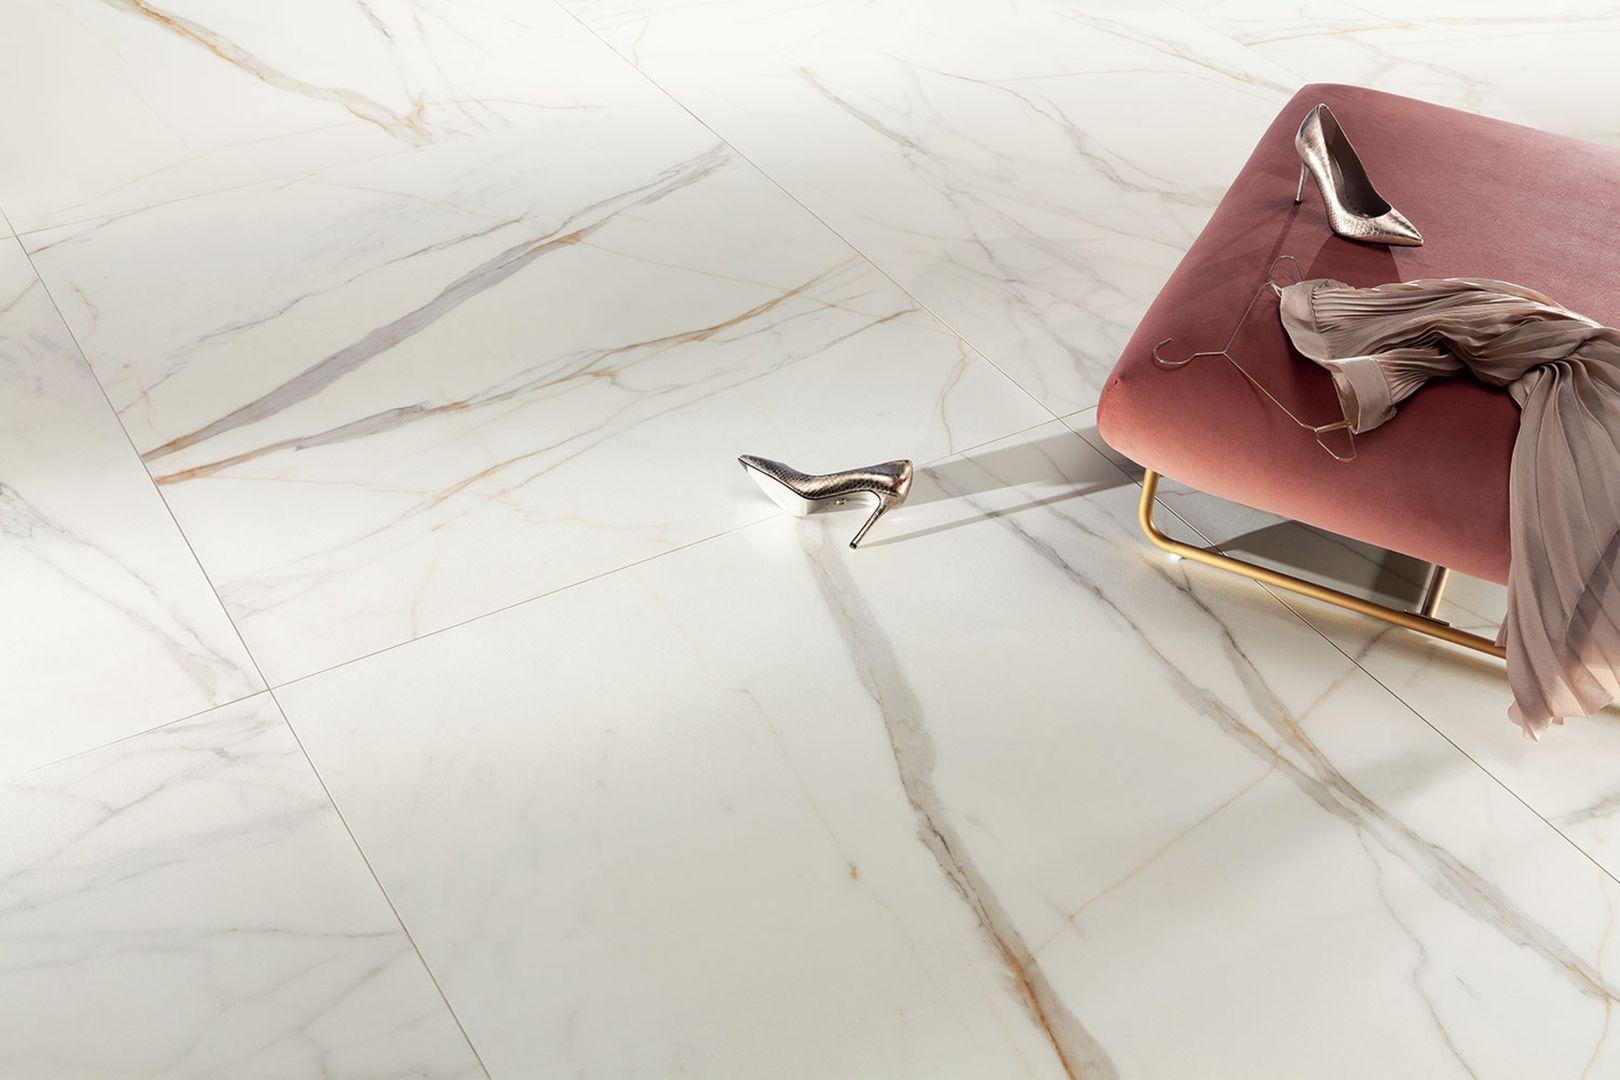 Płytki wiernie oddają strukturę białego marmuru, przywodząc jednocześnie na myśl technikę kintsugi. Kolekcja Marmo d'Oro. Fot. Tubądzin